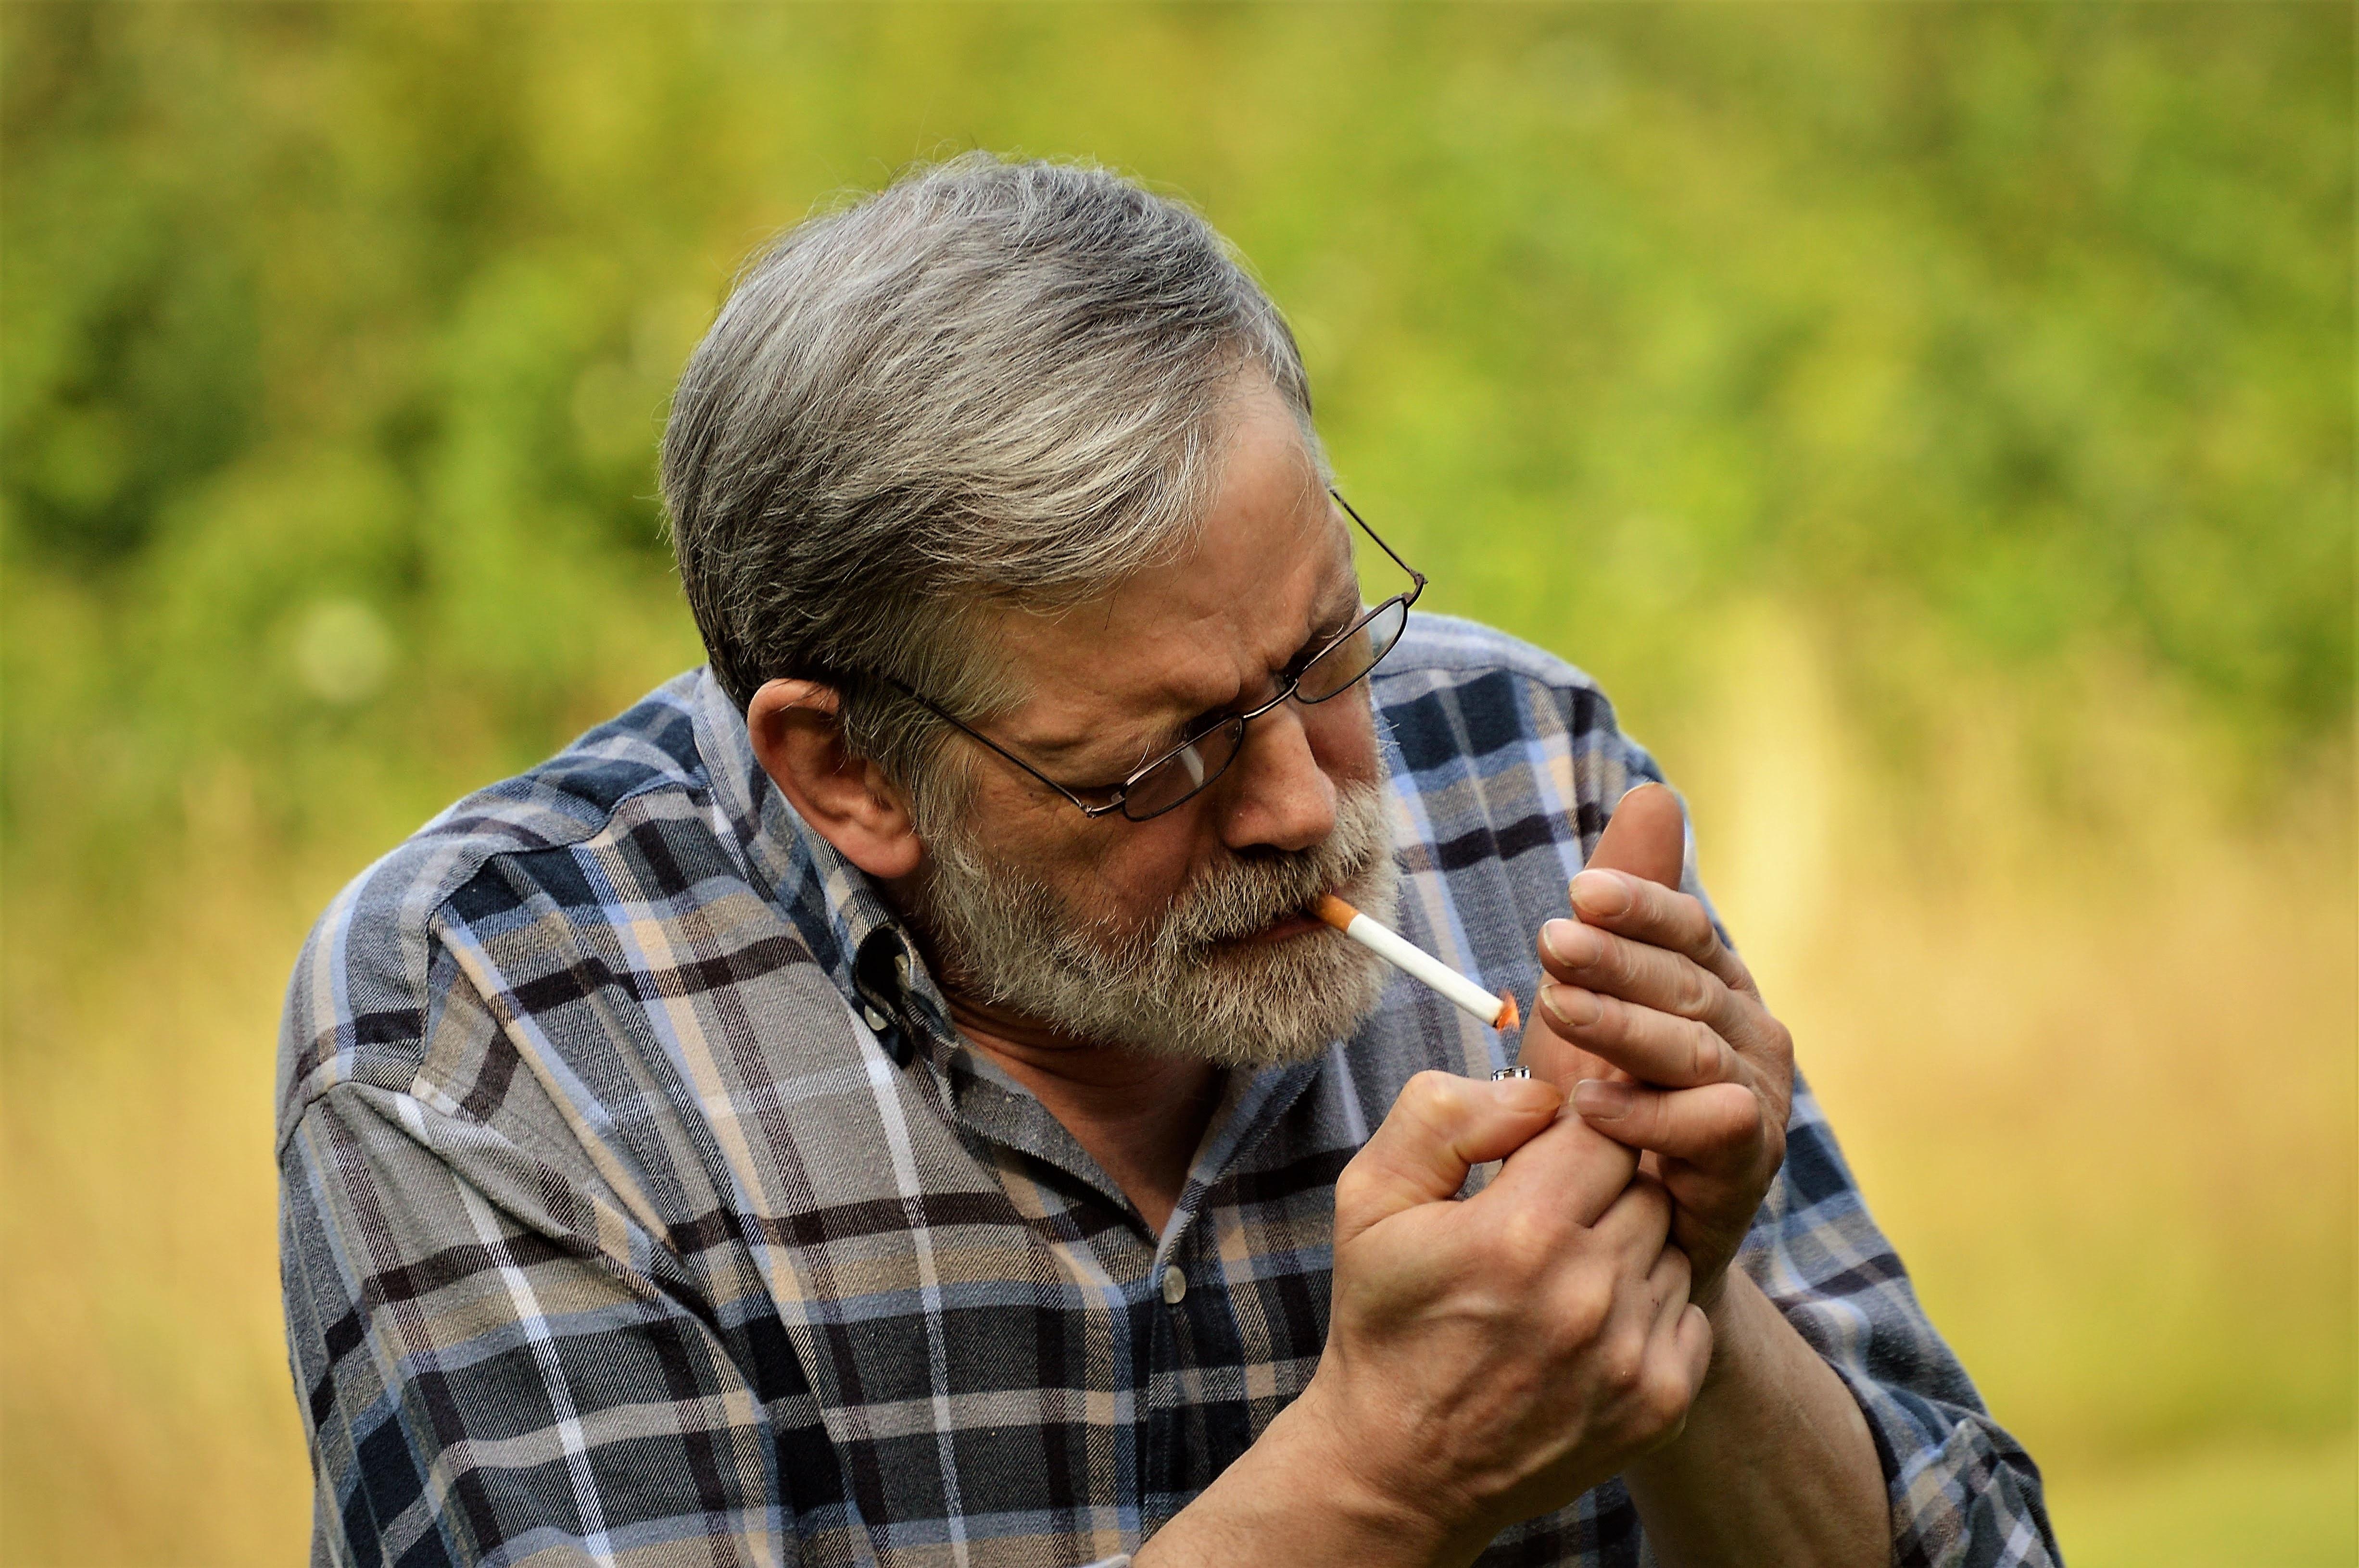 muž na člověka kouří tijuana sex videa